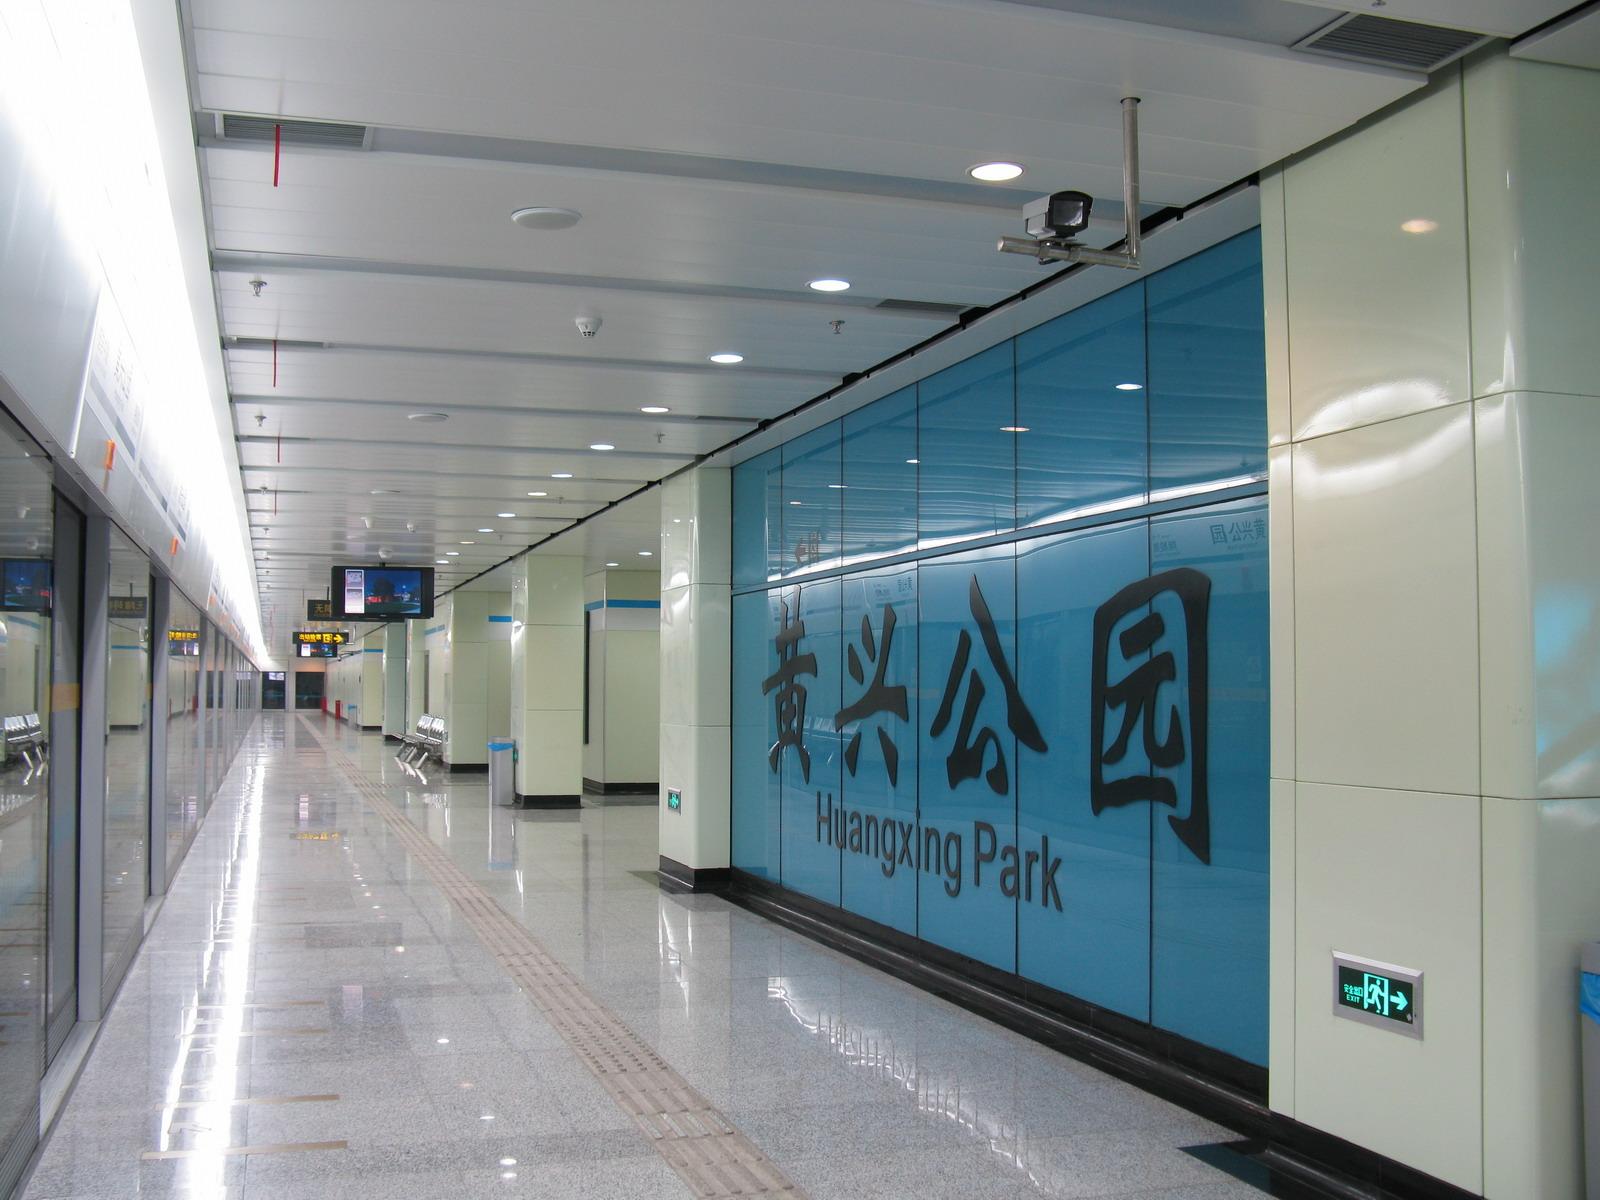 黄興公園駅